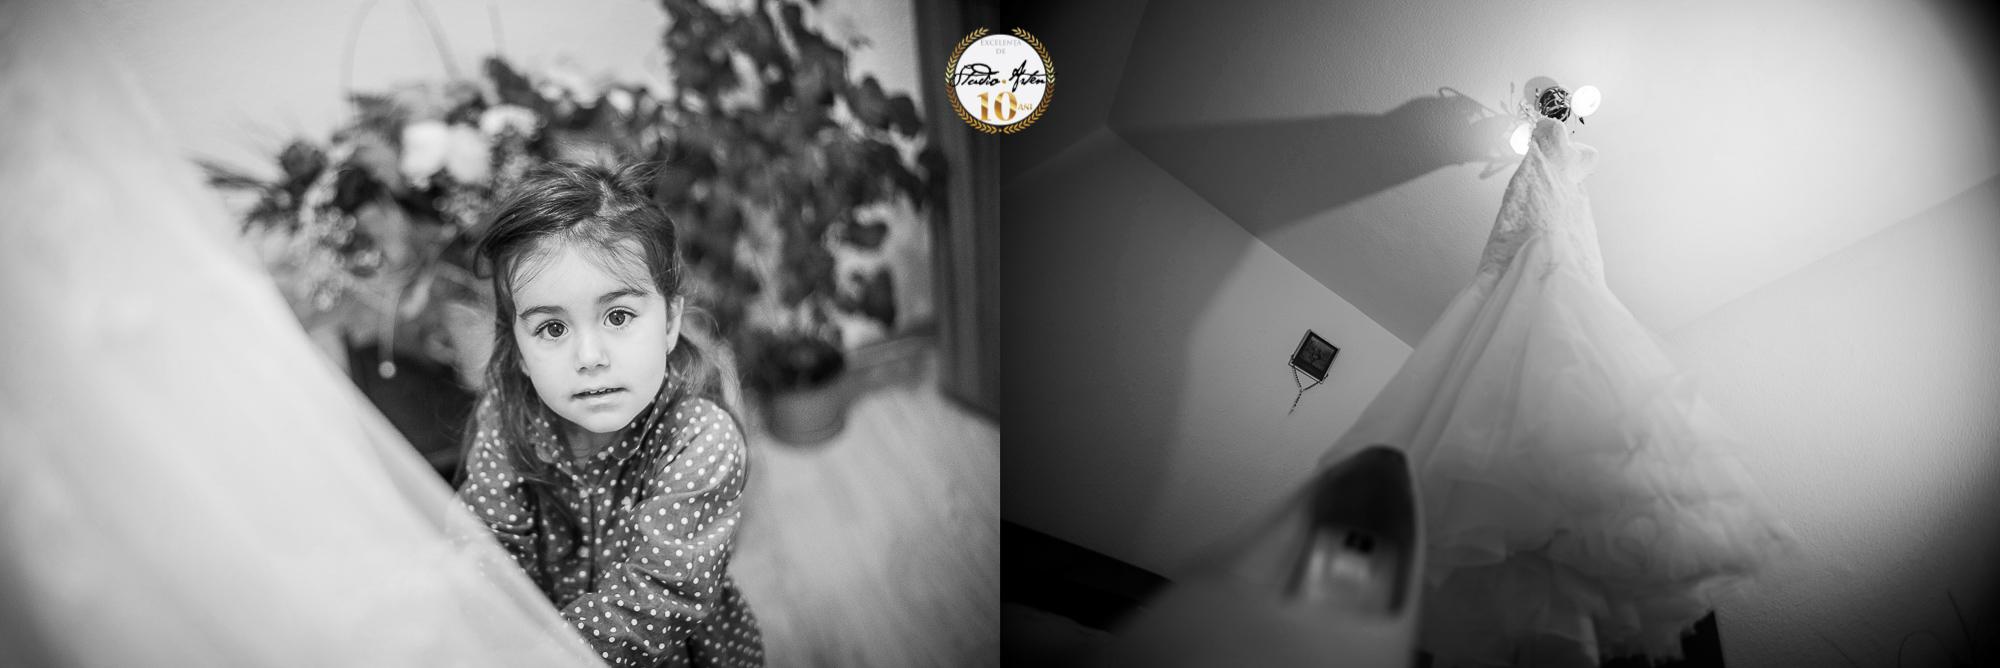 ochi de copil, nunta vazuta de copii, copii la nunta, cum vad copii nunta, sa avem copii la nunta, perspectiva unui copil despre nunta, fotograf nunta mures, foto video nunta mures, fotograf Balazs Csongor, echipa foto video nunta, poveste de nunta, hogy latjak a gyerekek az eskuvoket, eskuvo gyerek szemmel, eskuvoi fenykepesz, marosvasarhelyi eskuvoi fenykepesz, eskuvoi foto video, foto video csapat, kis tortenetek,